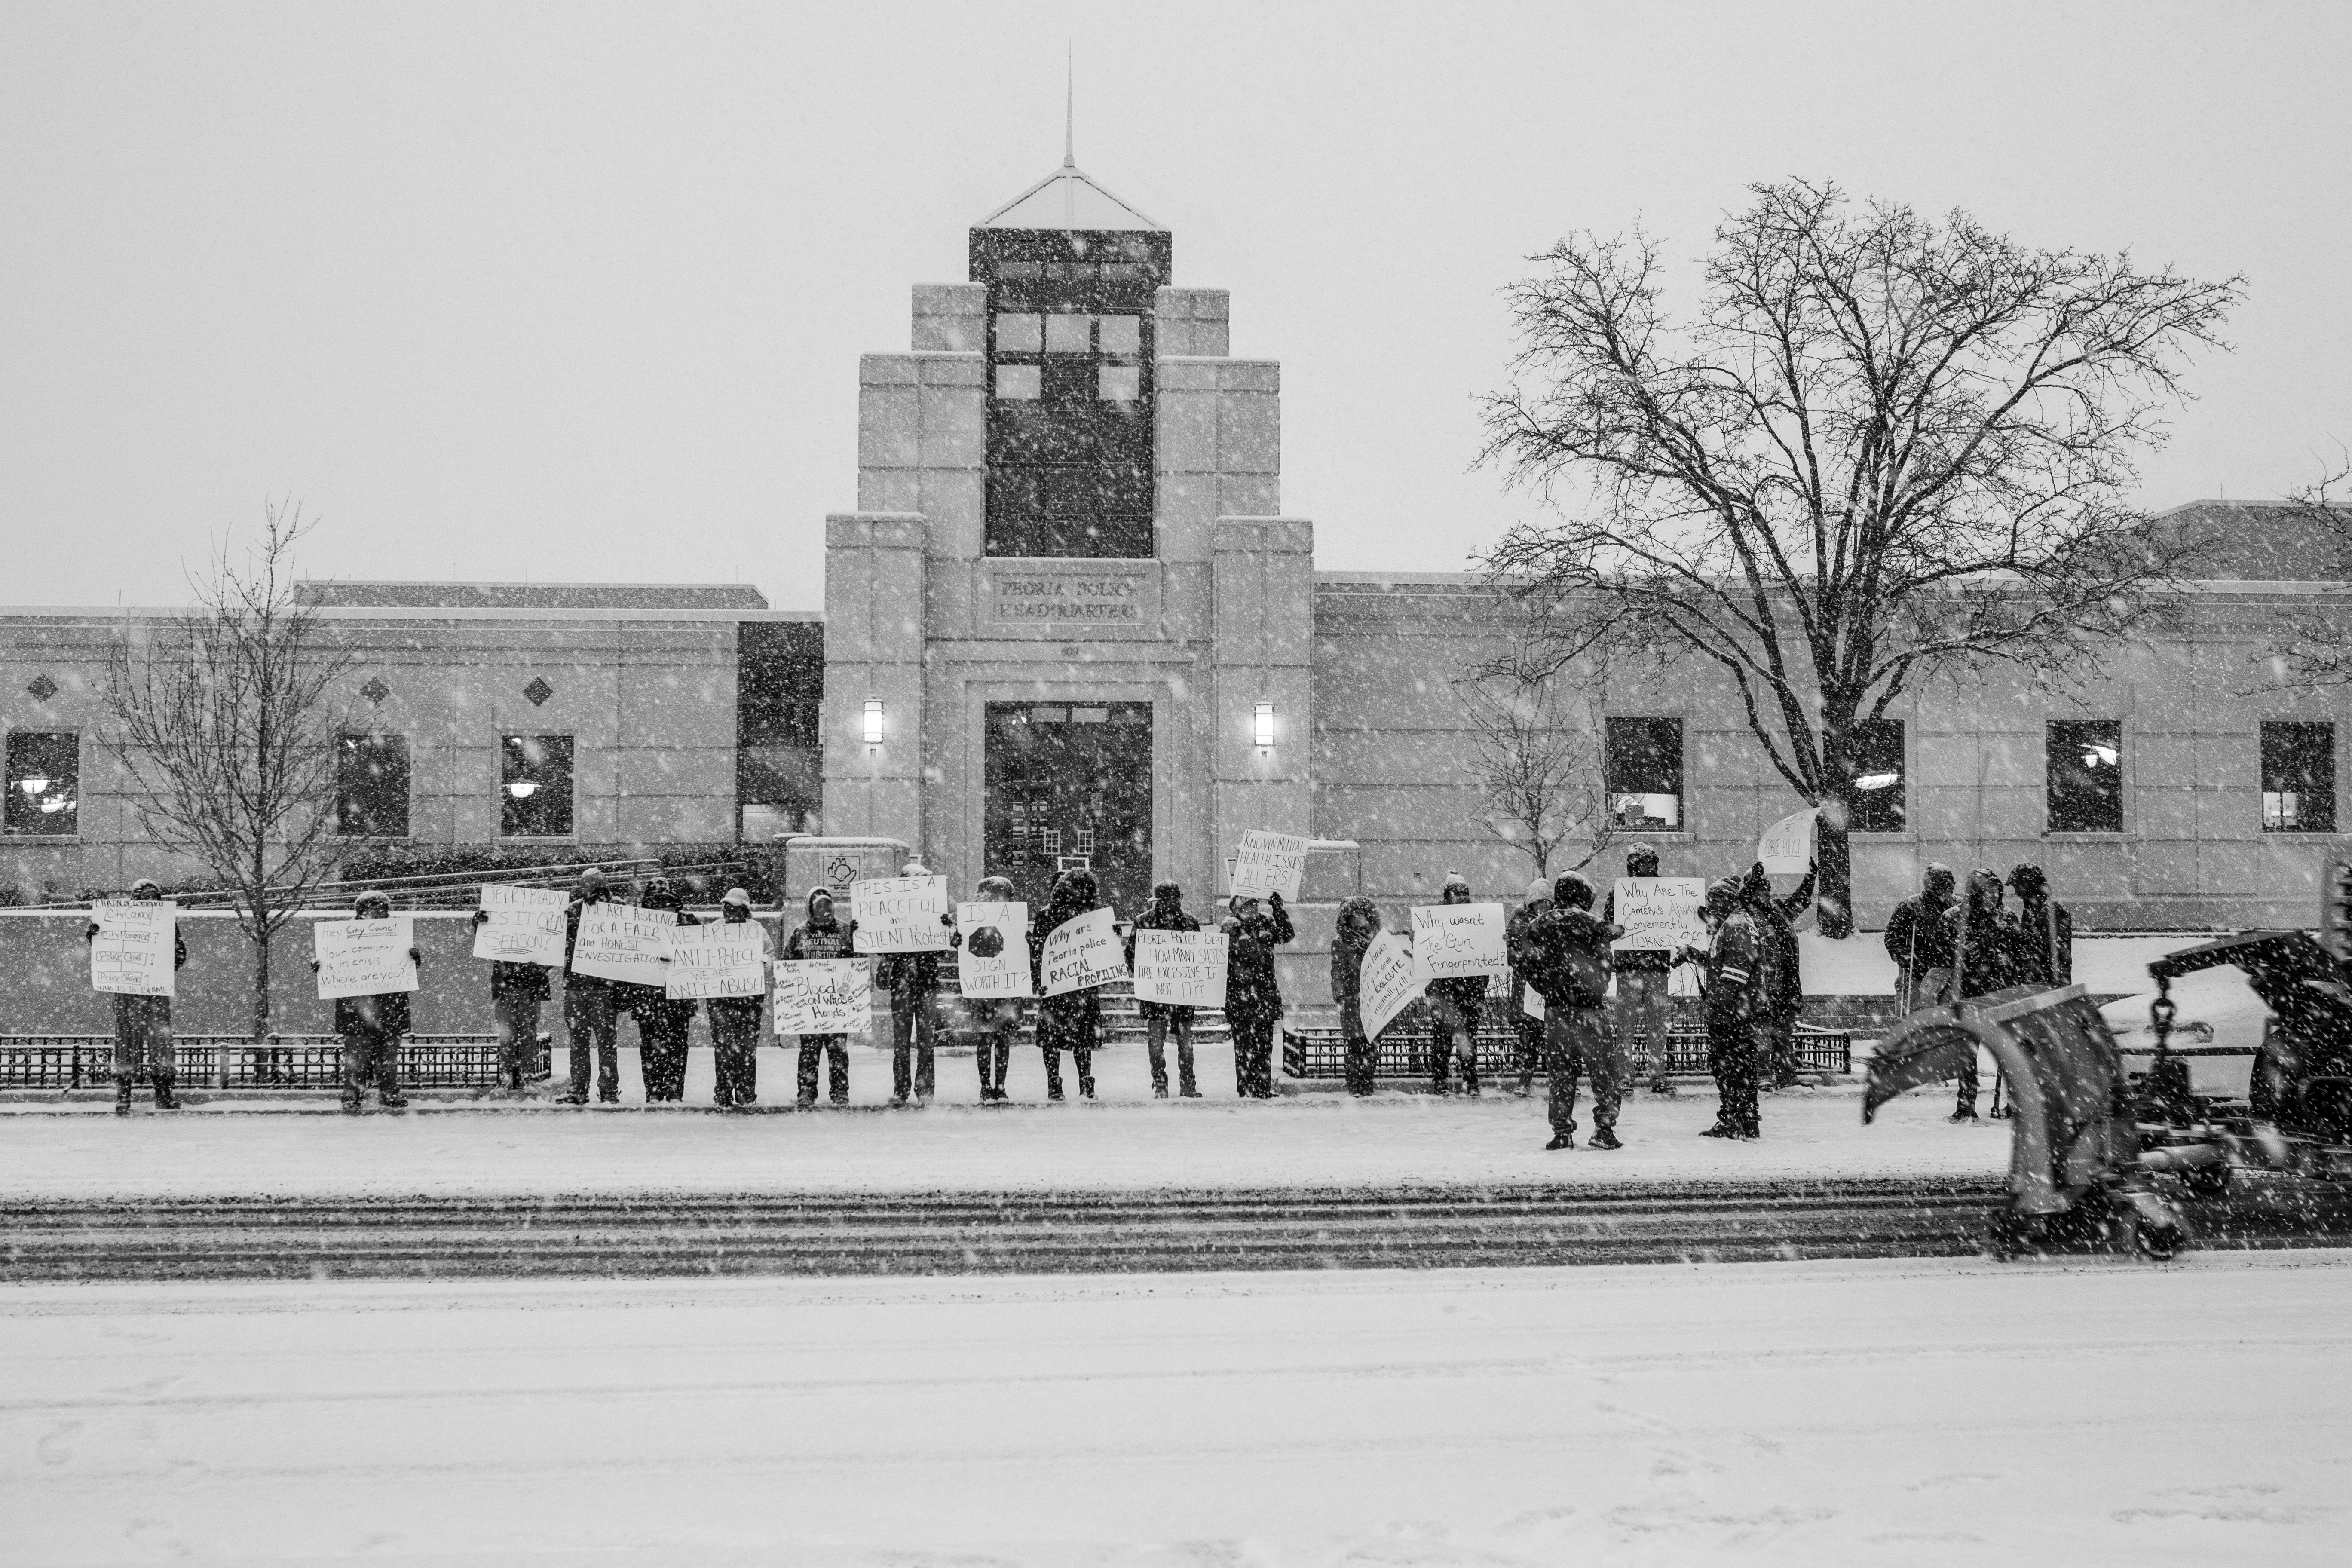 Protest Photoshoot Illinois